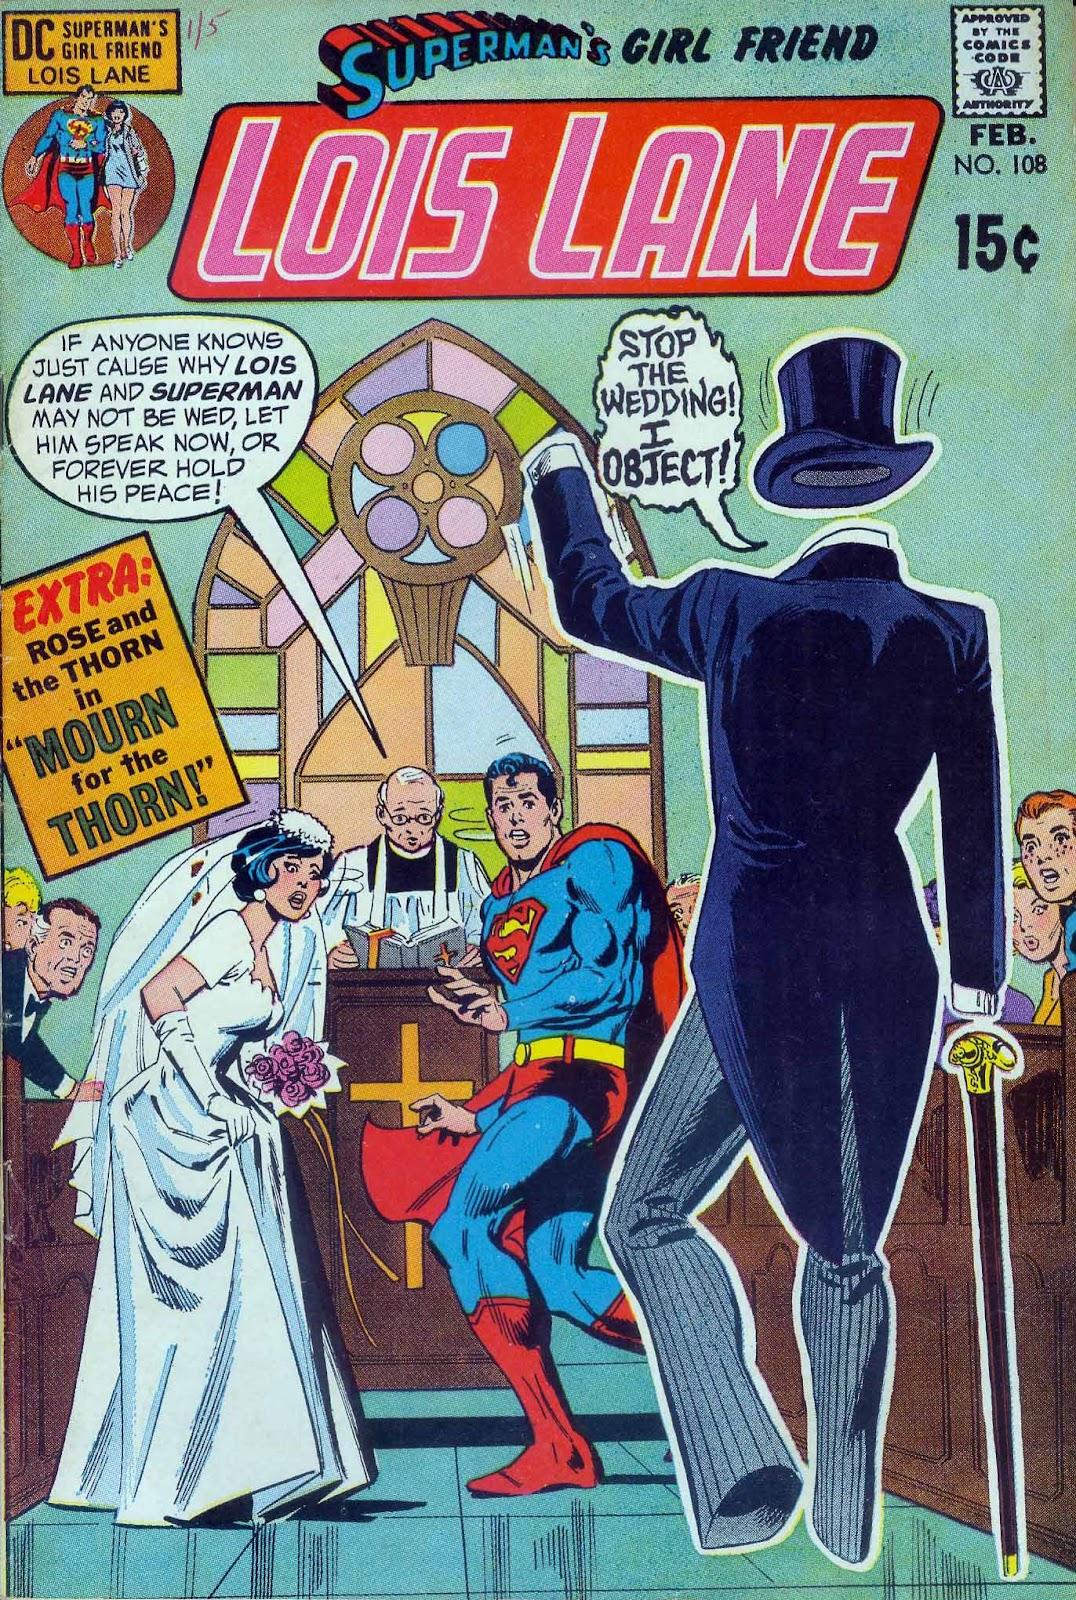 Supermans Girl Friend, Lois Lane 108 Page 1